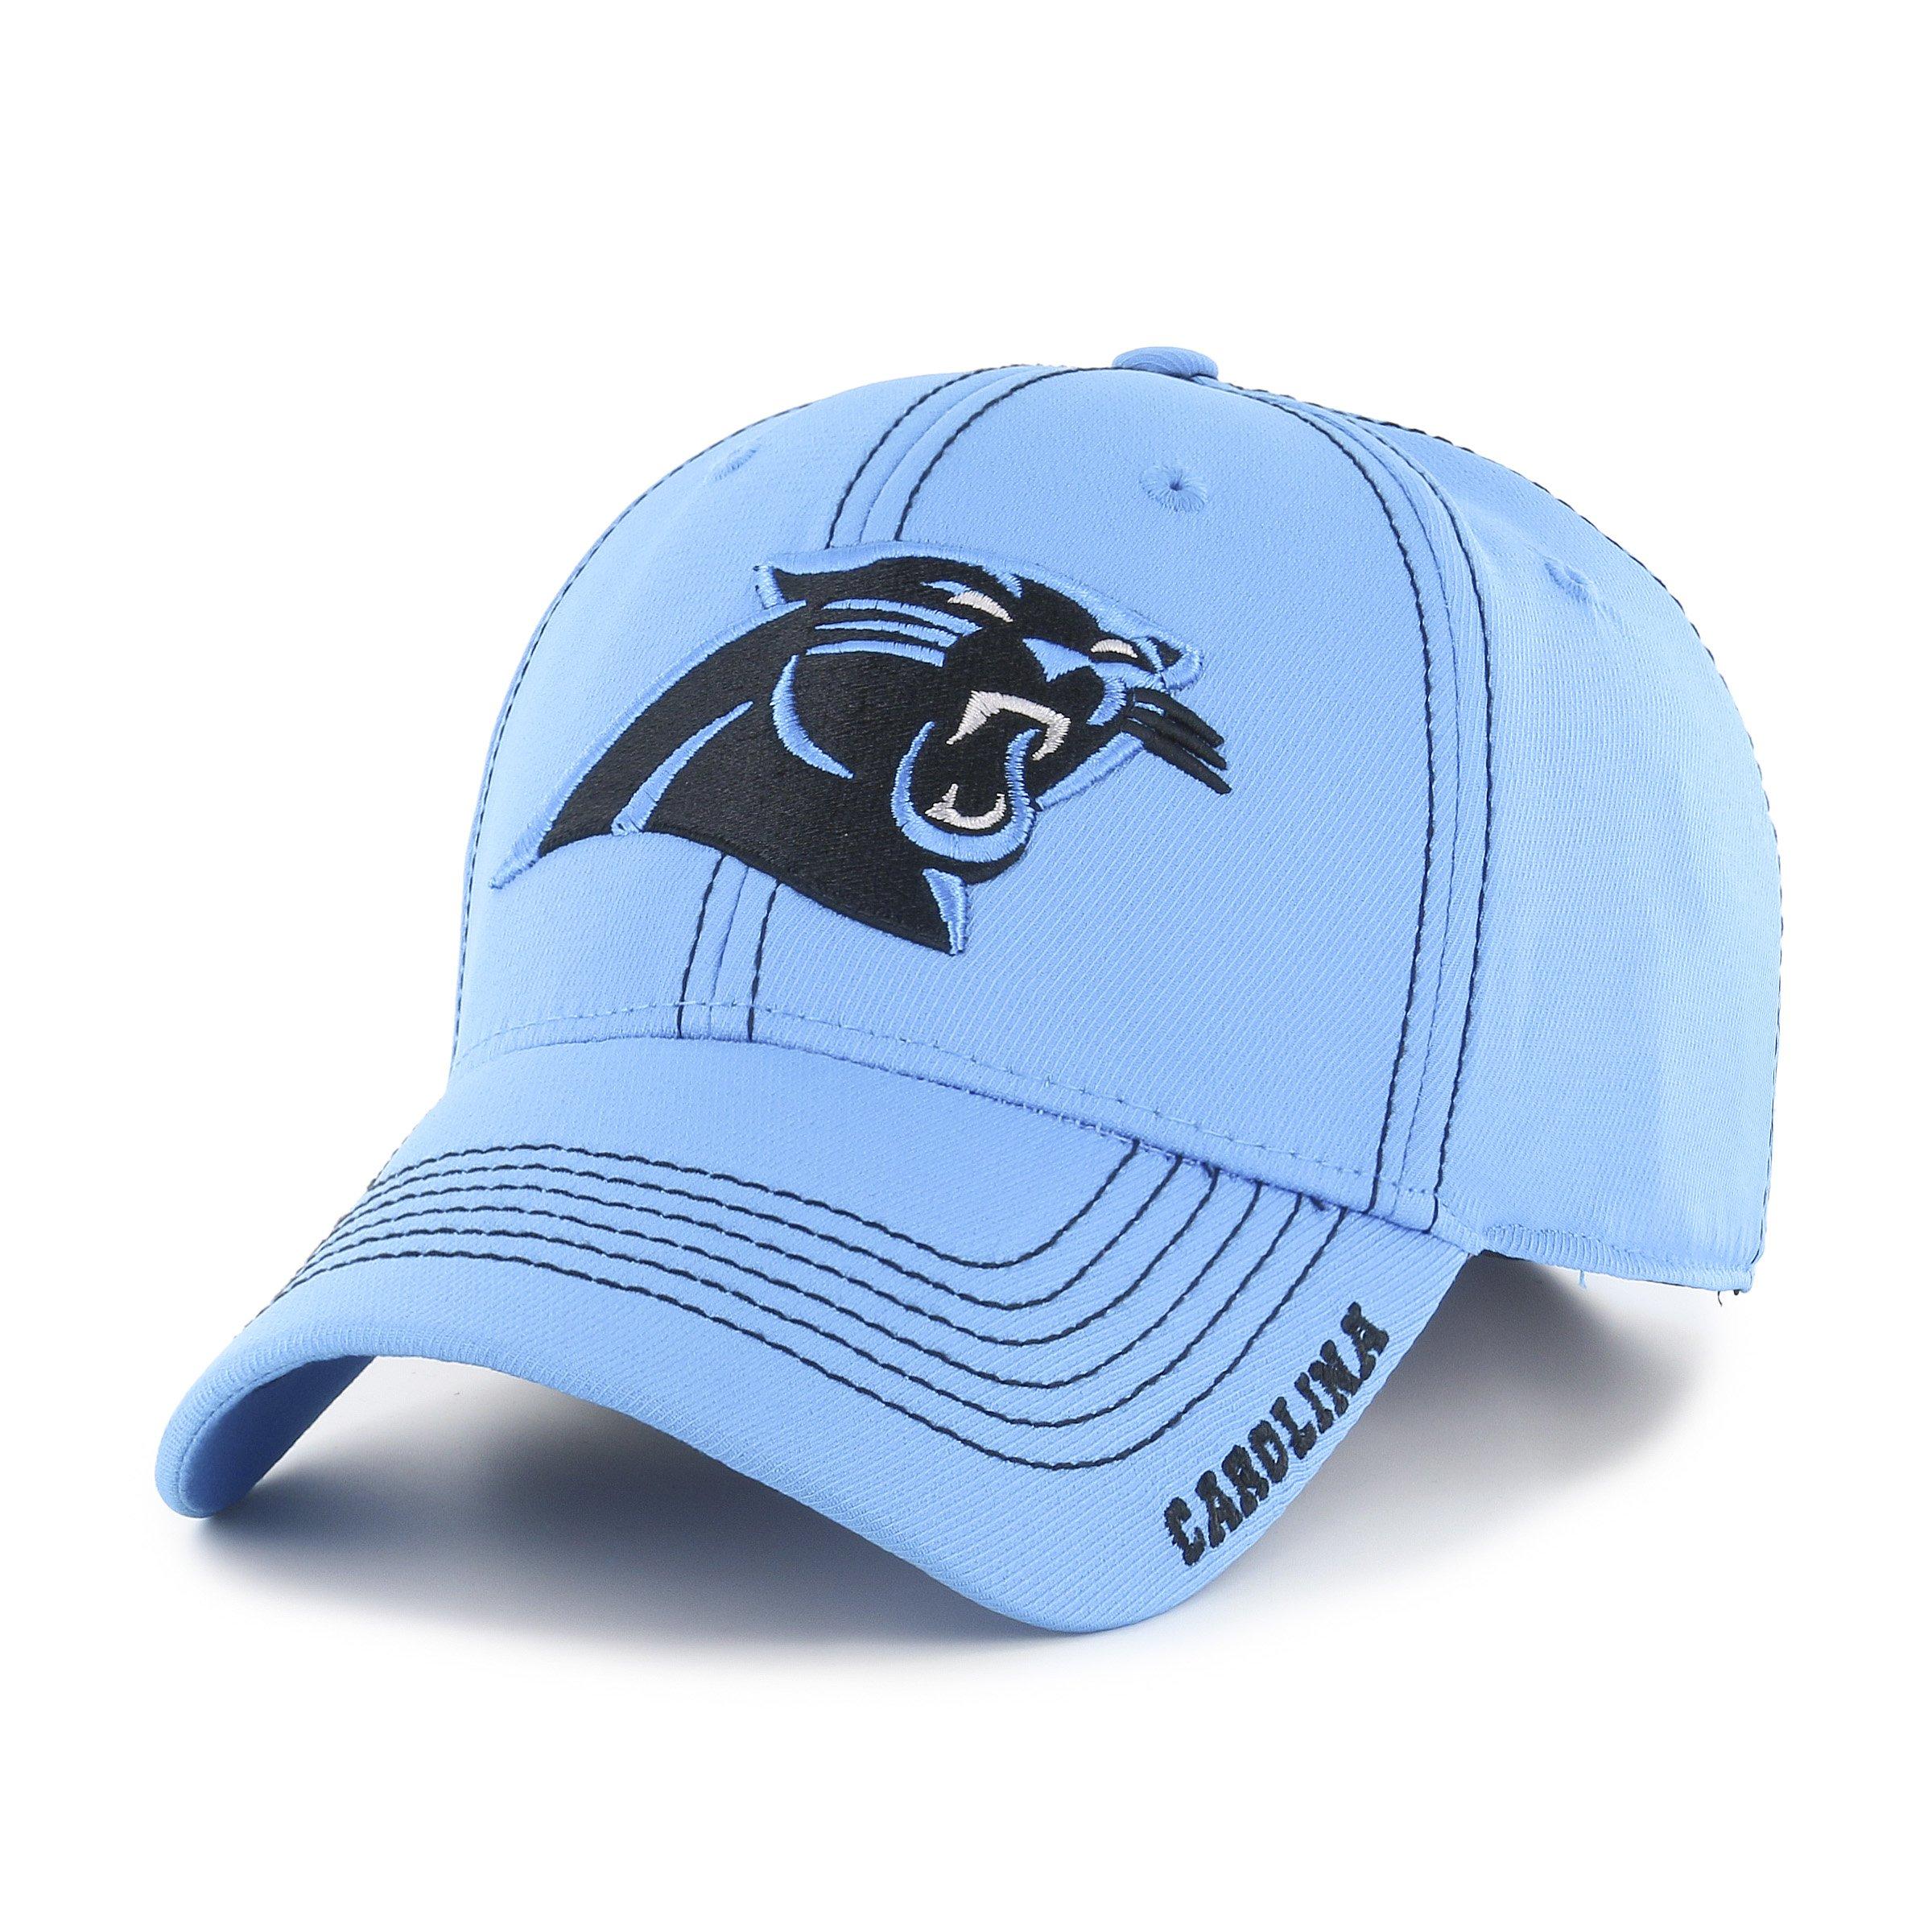 ea6cefa4da0 Galleon - OTS NFL Carolina Pantshers Adult Start Line Center Stretch Fit Hat